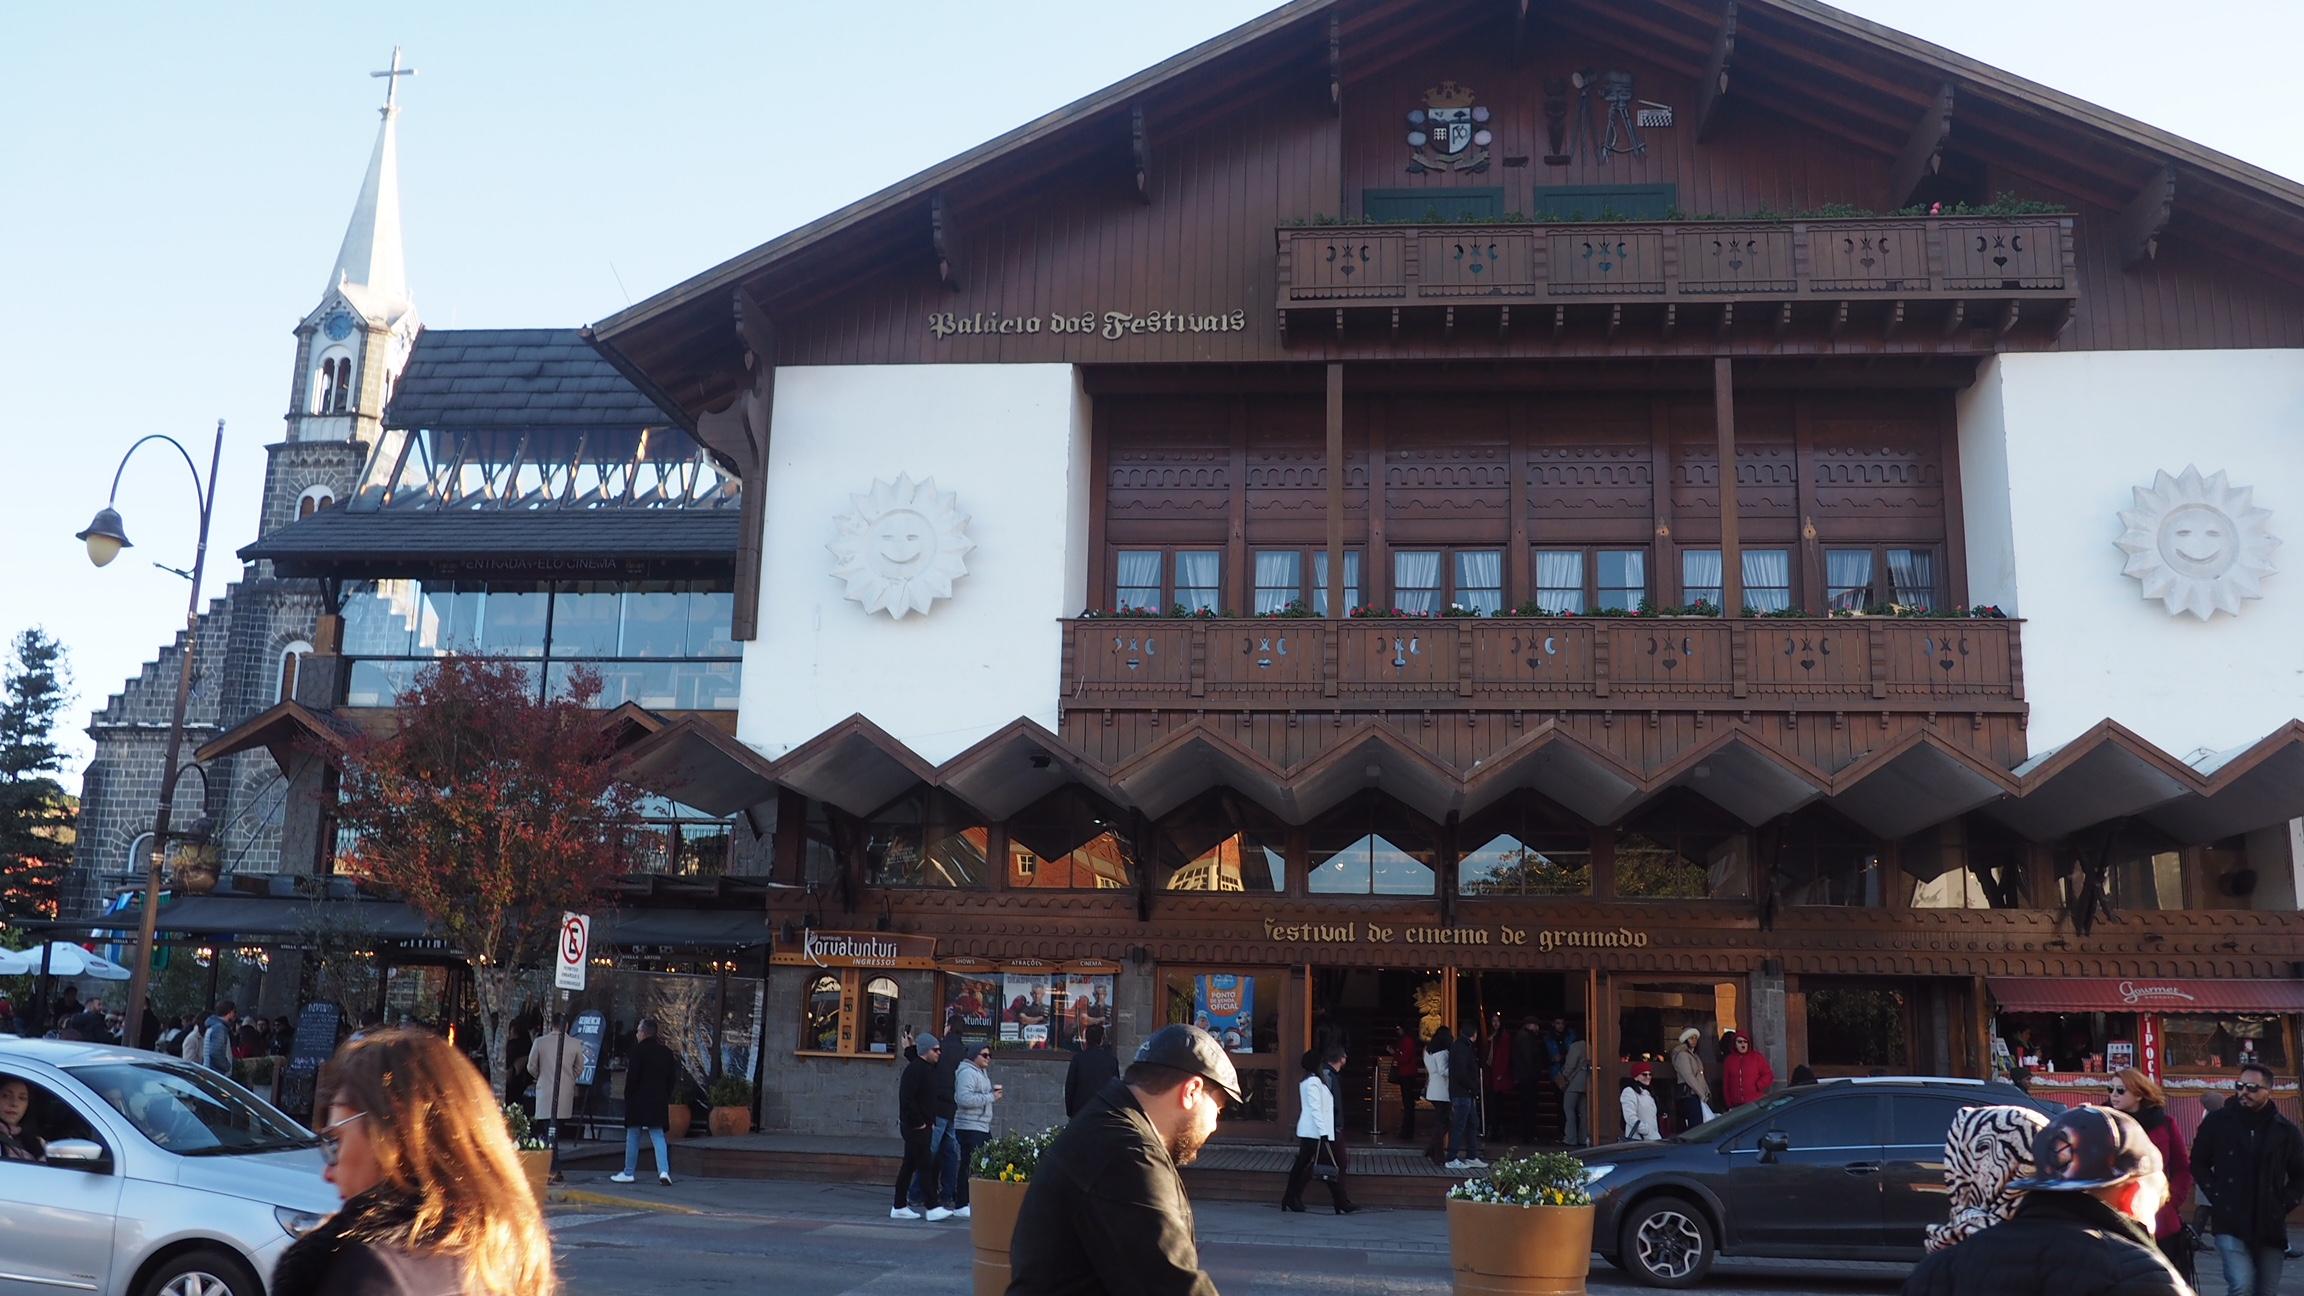 Casas de arquitectura alpina, una de las cosas que ver en Gramado